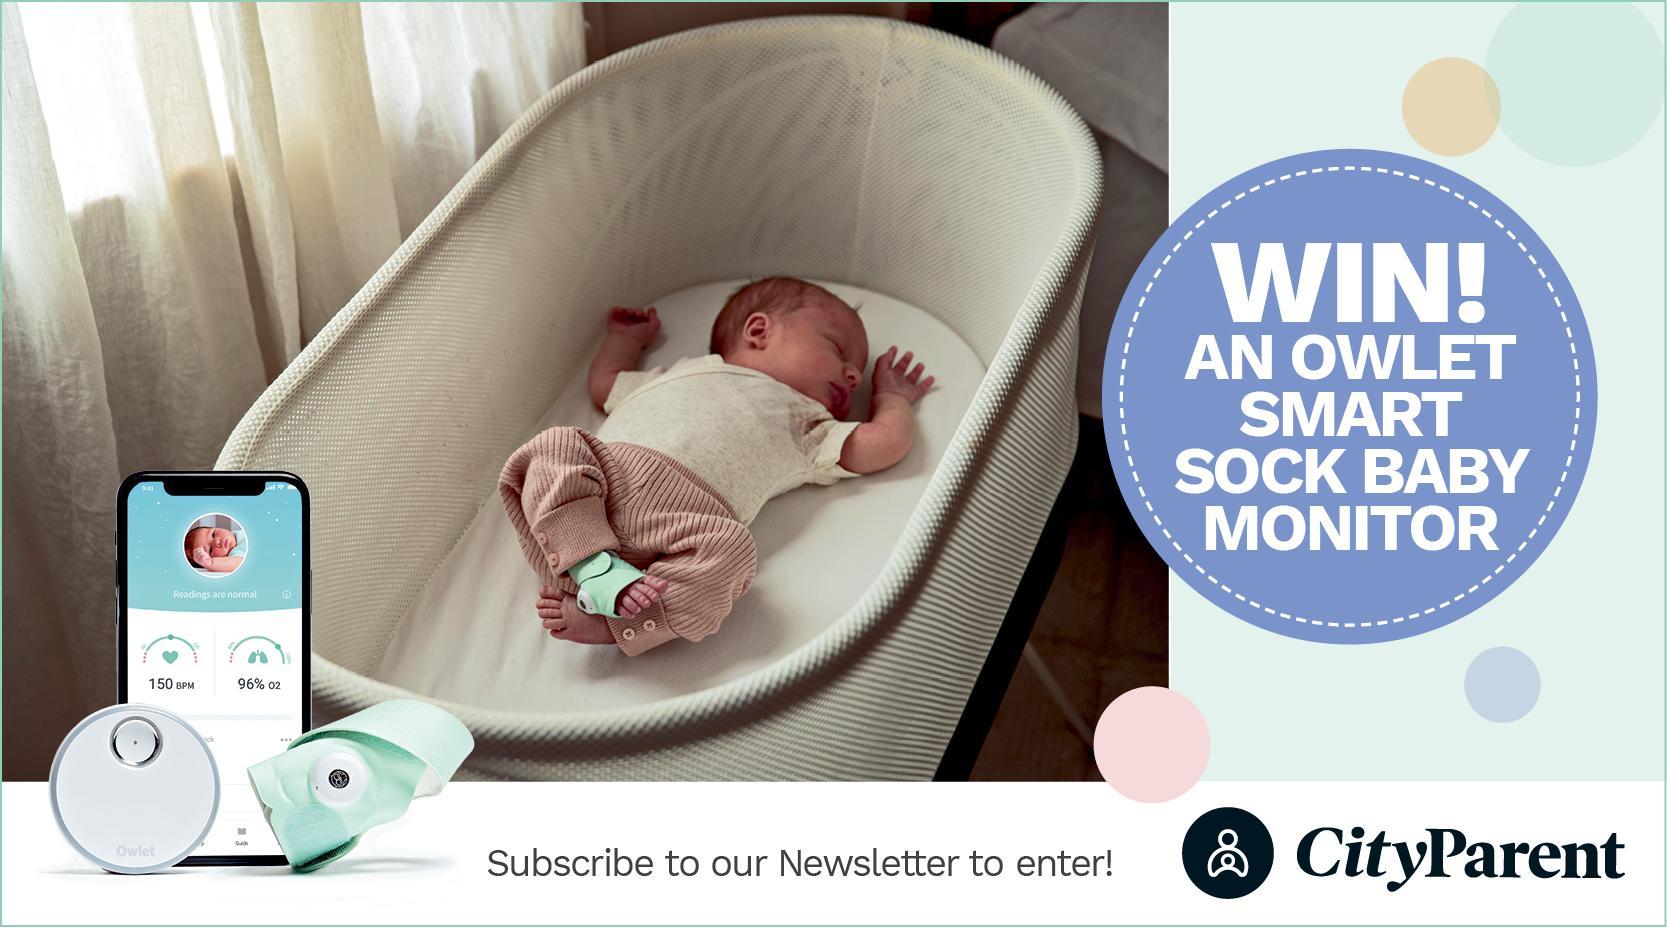 Owlet Sock Prize Promo 800 445